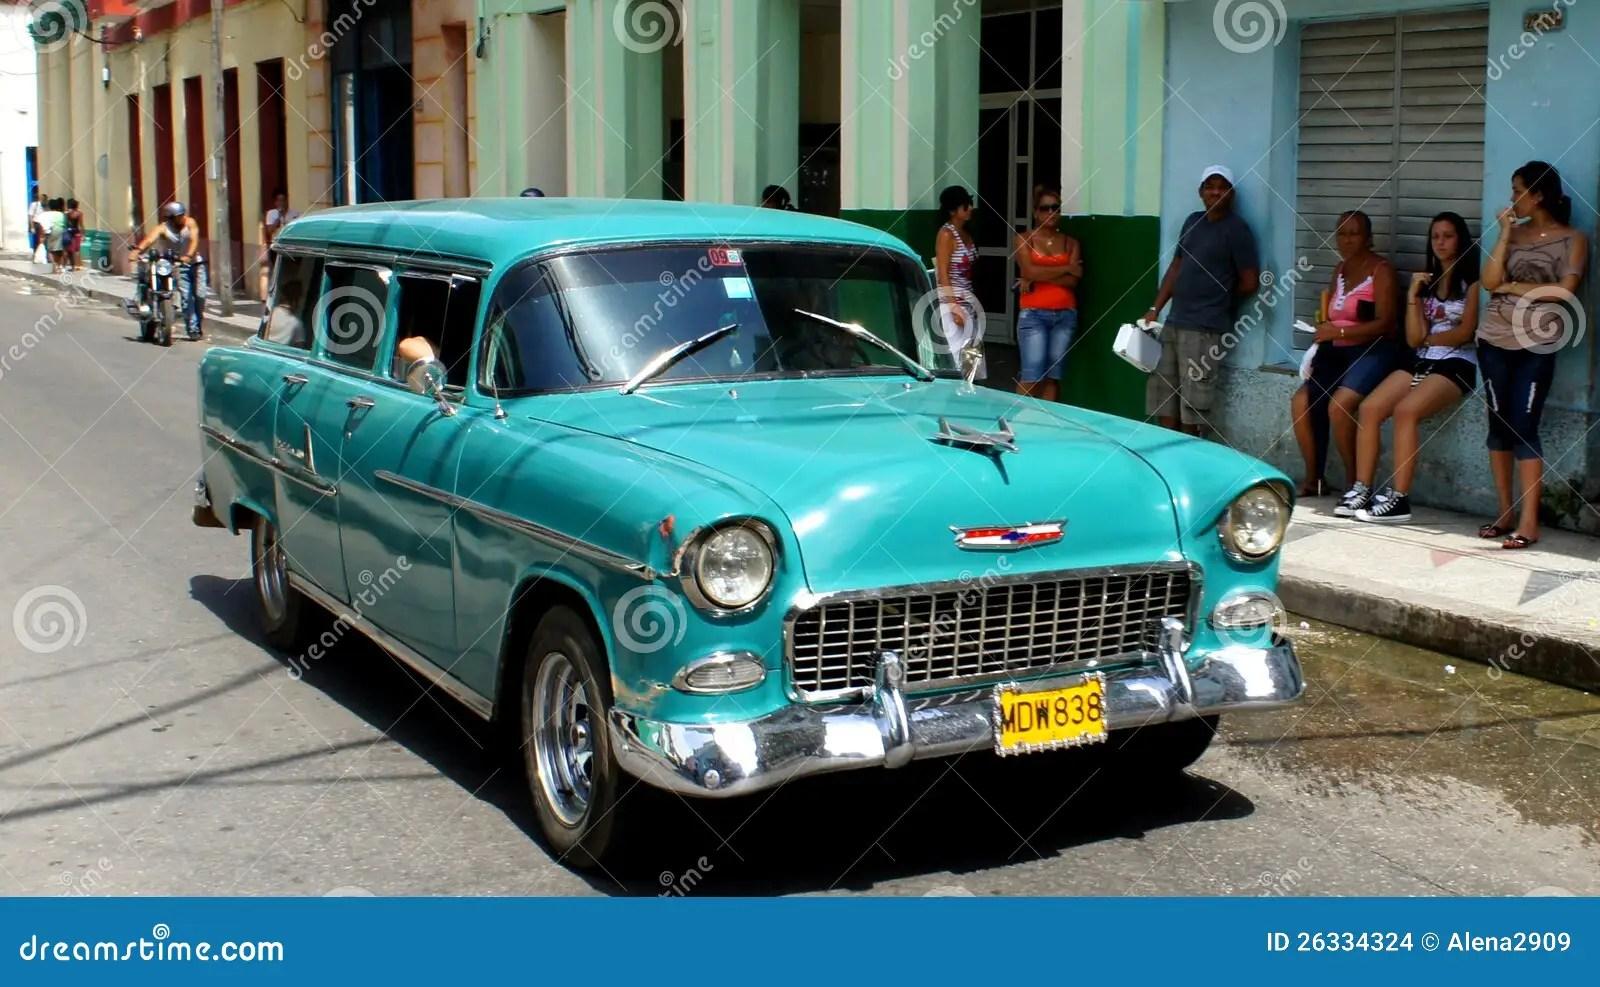 Find My Old Car Registration Number